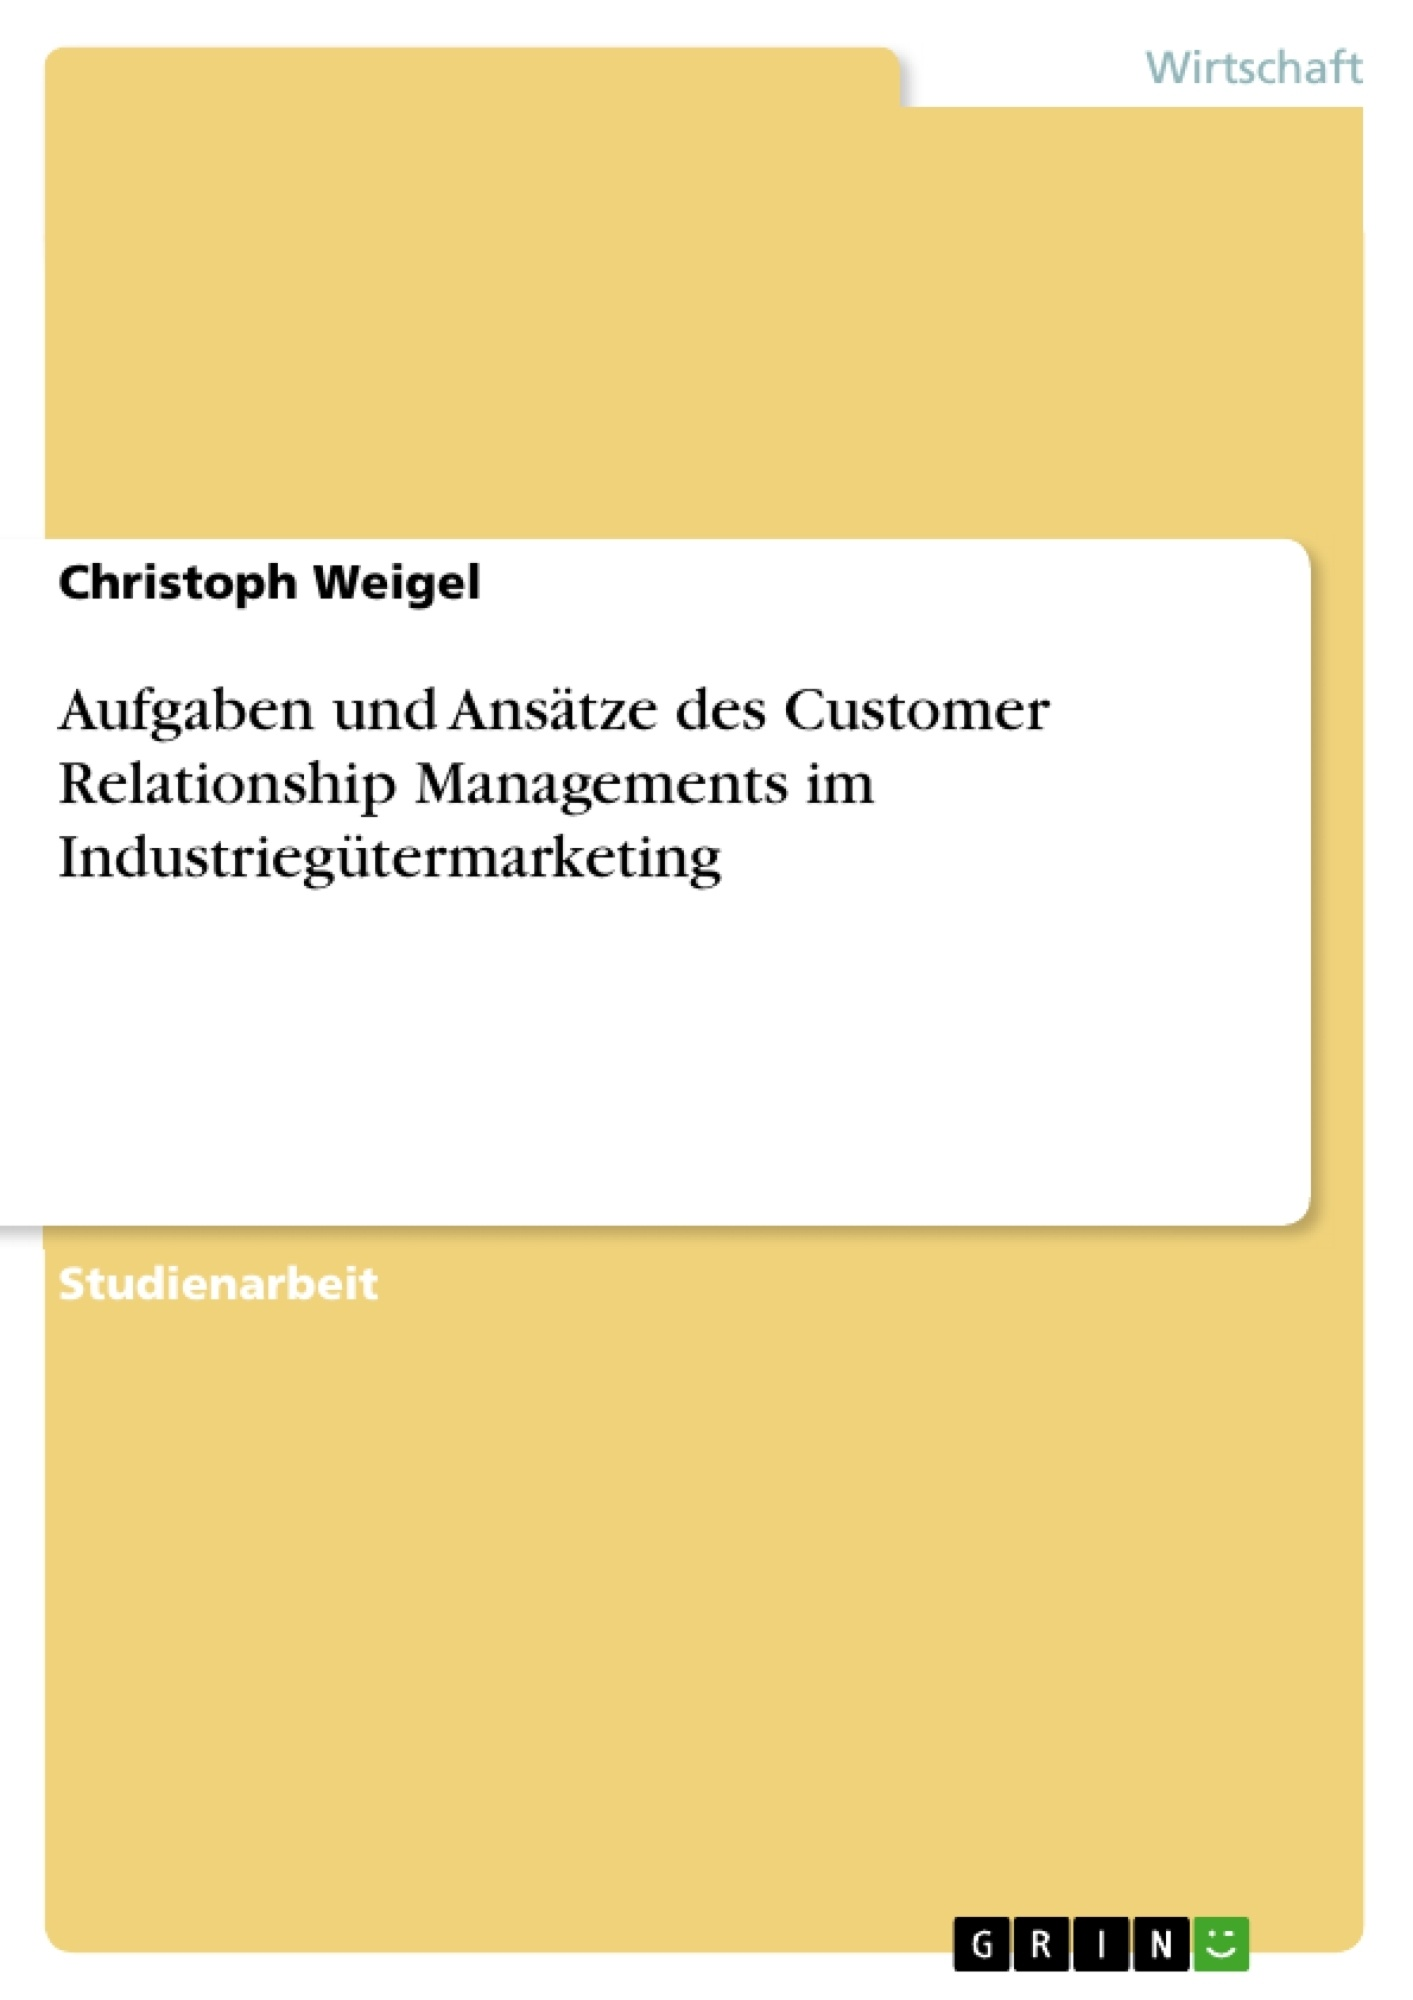 Titel: Aufgaben und Ansätze des Customer Relationship Managements im Industriegütermarketing